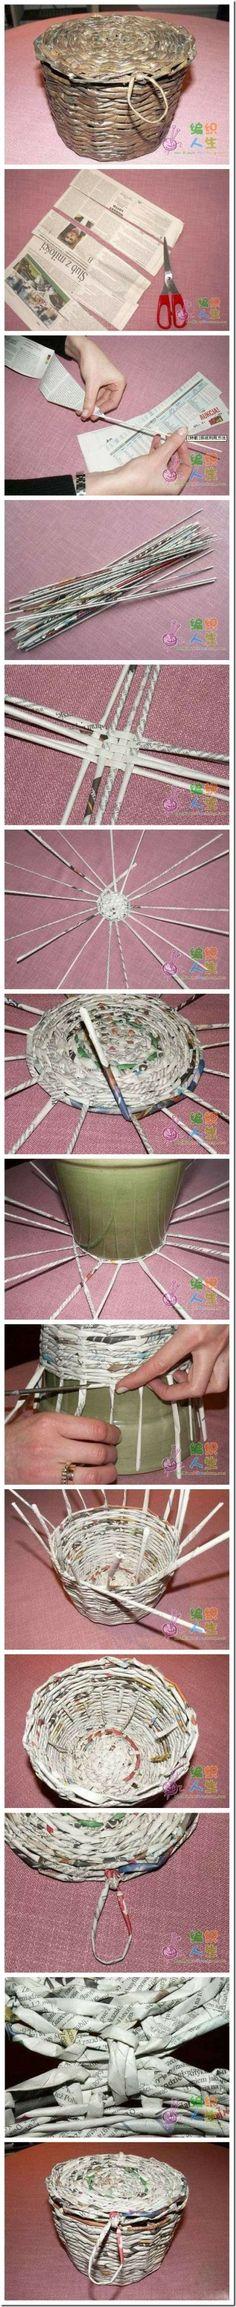 paperbasket